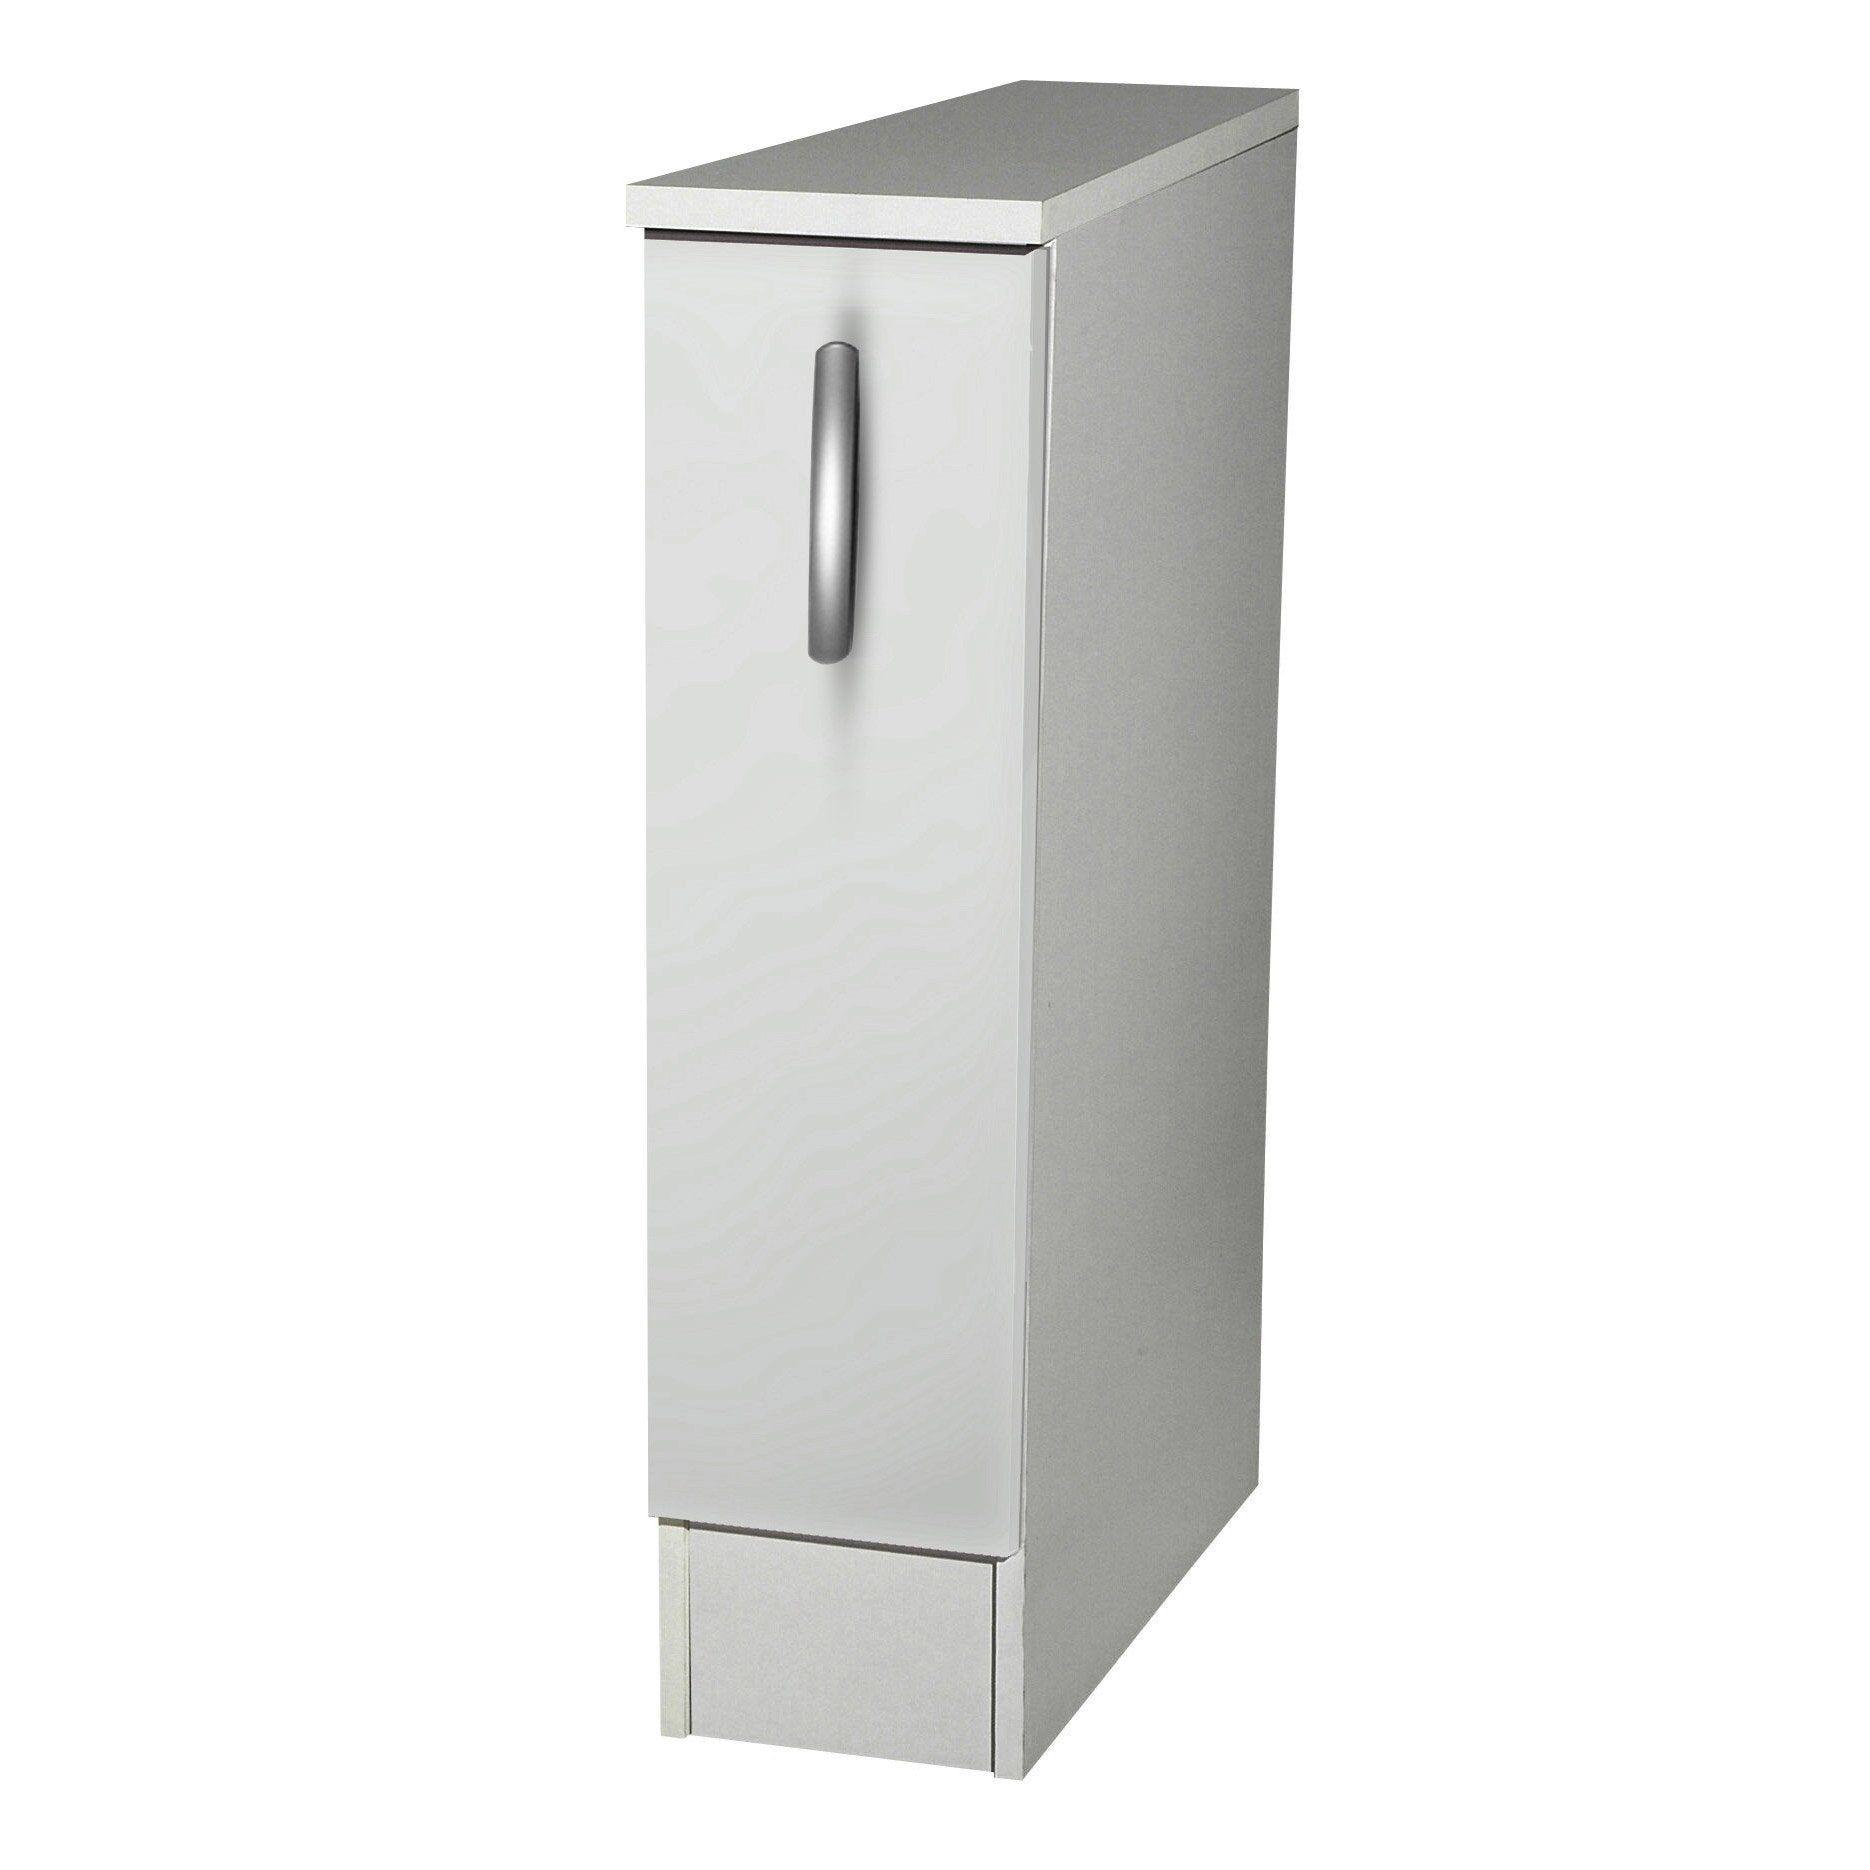 Meuble Colonne Cuisine Leroy Merlin meuble de cuisine bas 1 porte, blanc, h86x l15x p60cm